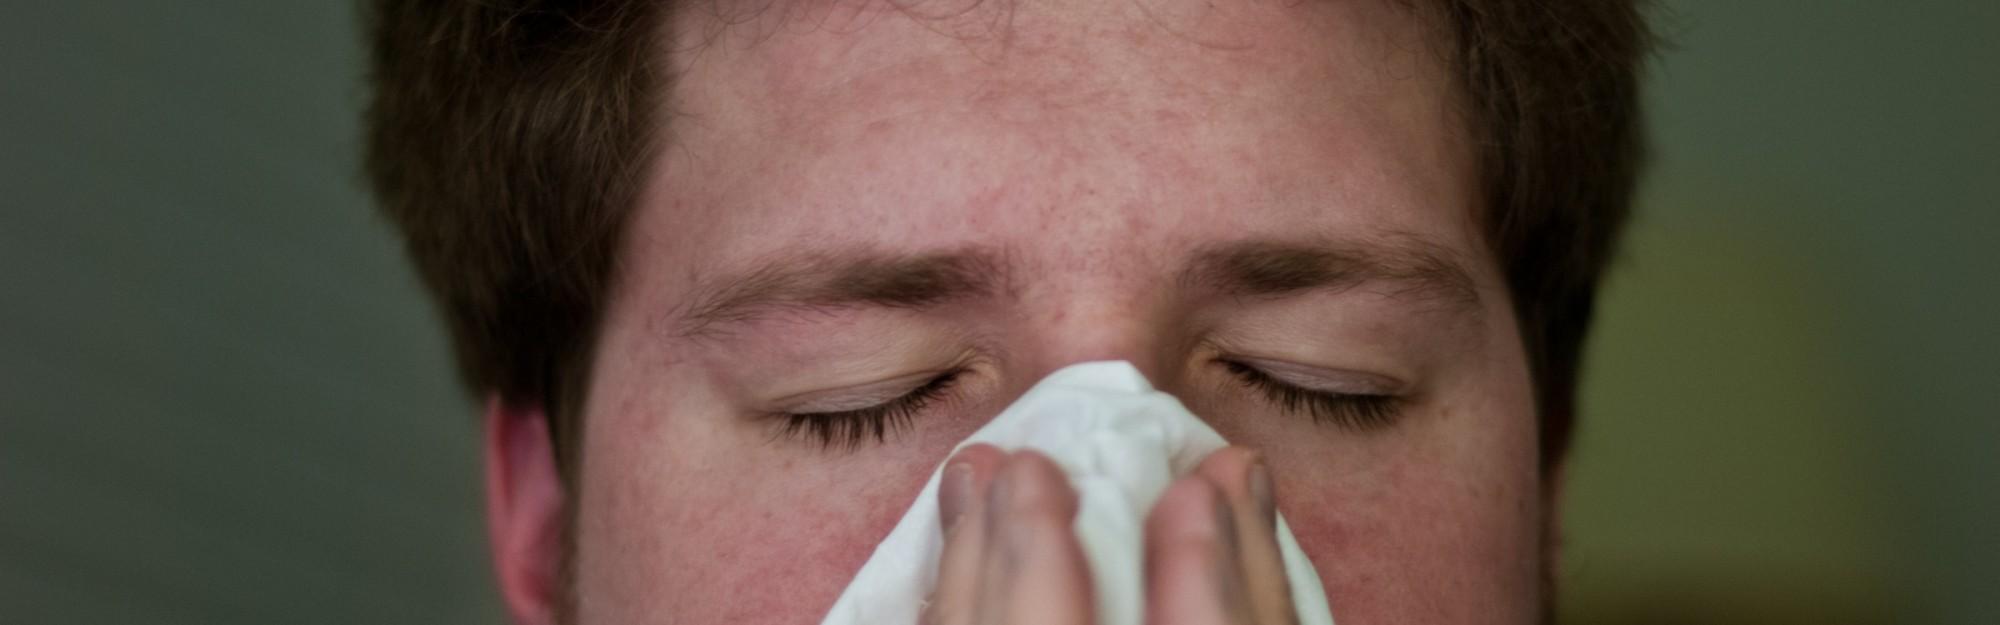 Wie kann ich eine Erkältung natürlich bekämpfen?